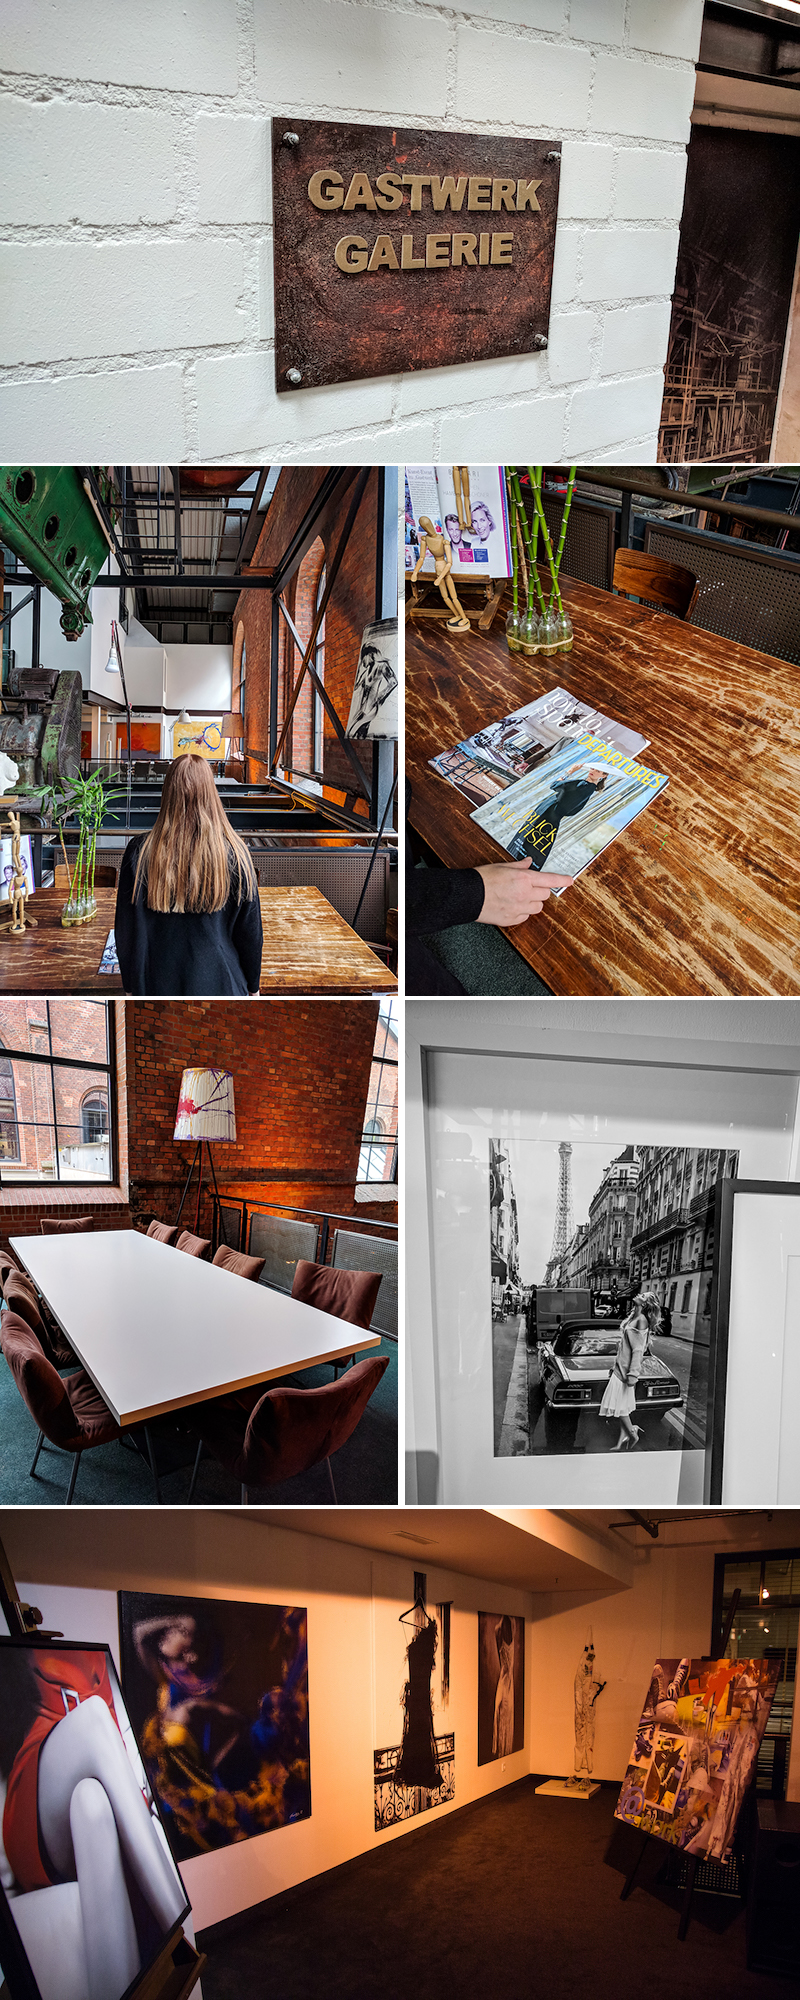 Galerie, Gastwerk Hamburg, Kunst, Design, Lounge, chillen